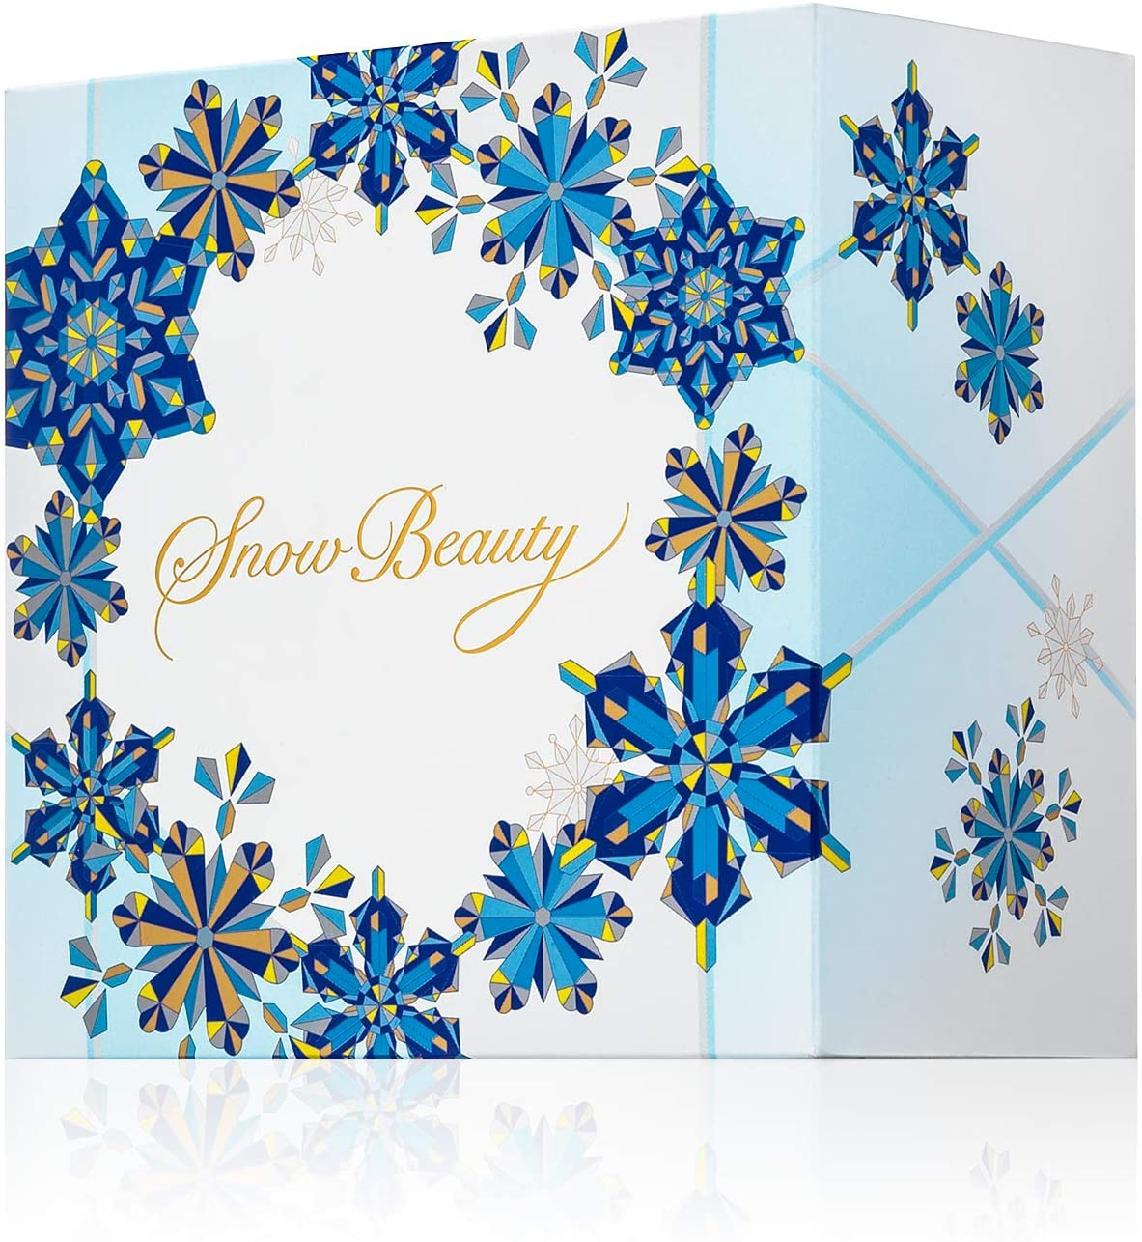 Snow Beauty(スノービューティー)ホワイトニング フェースパウダー 2019の商品画像2